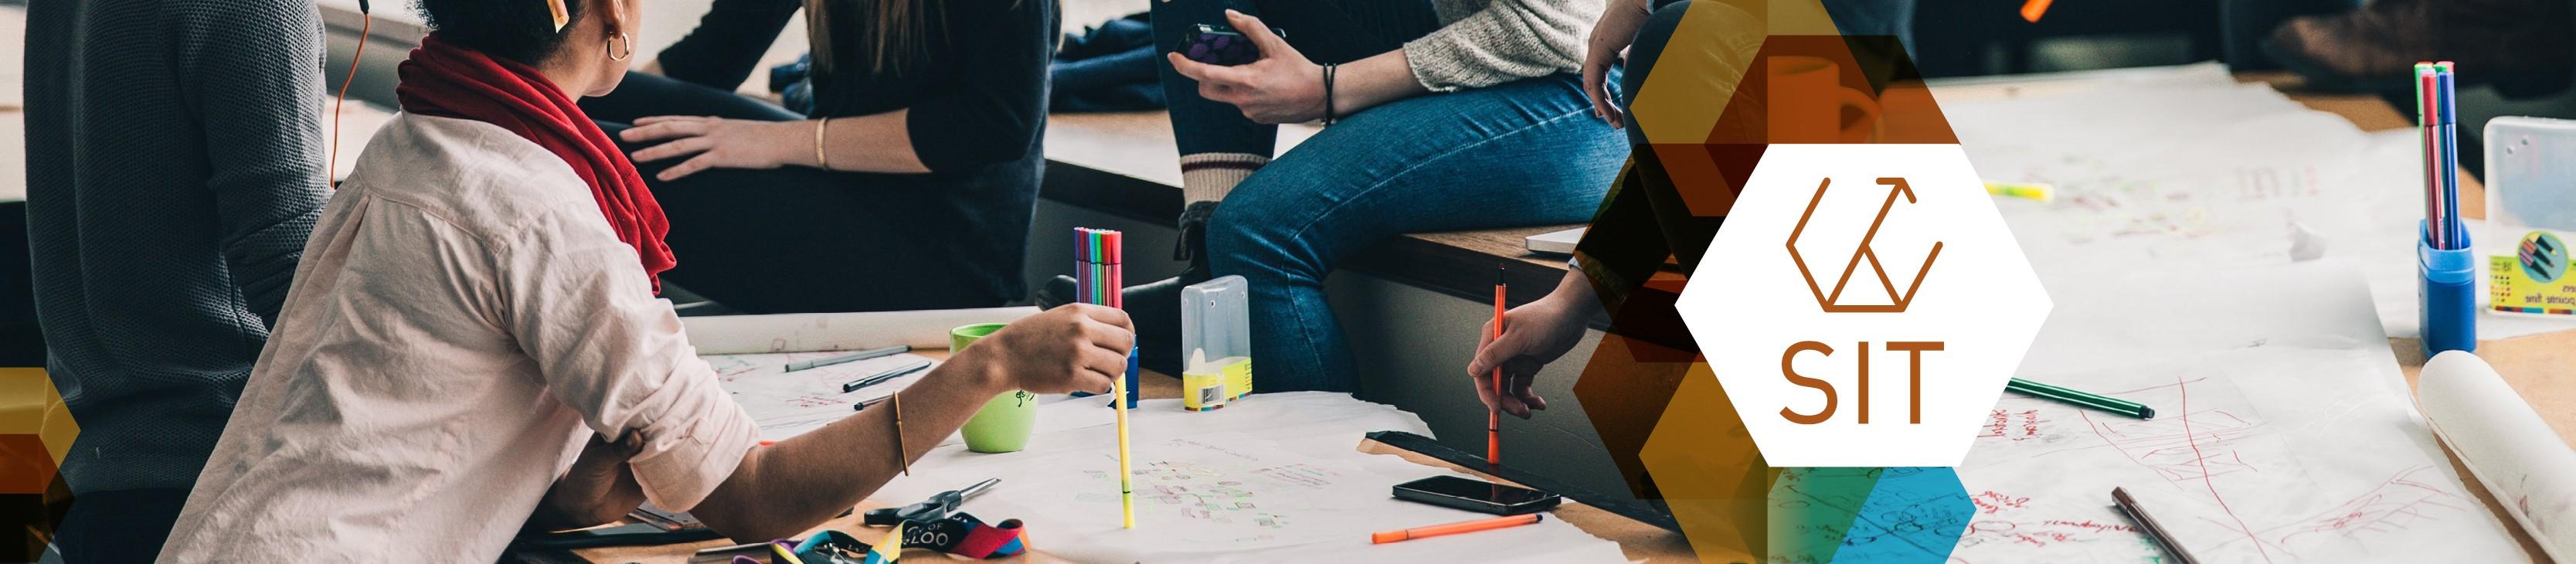 WERDE MEHR! Interkulturelle Workshops zur Vorbereitung auf Studium und Praktikum im Ausland